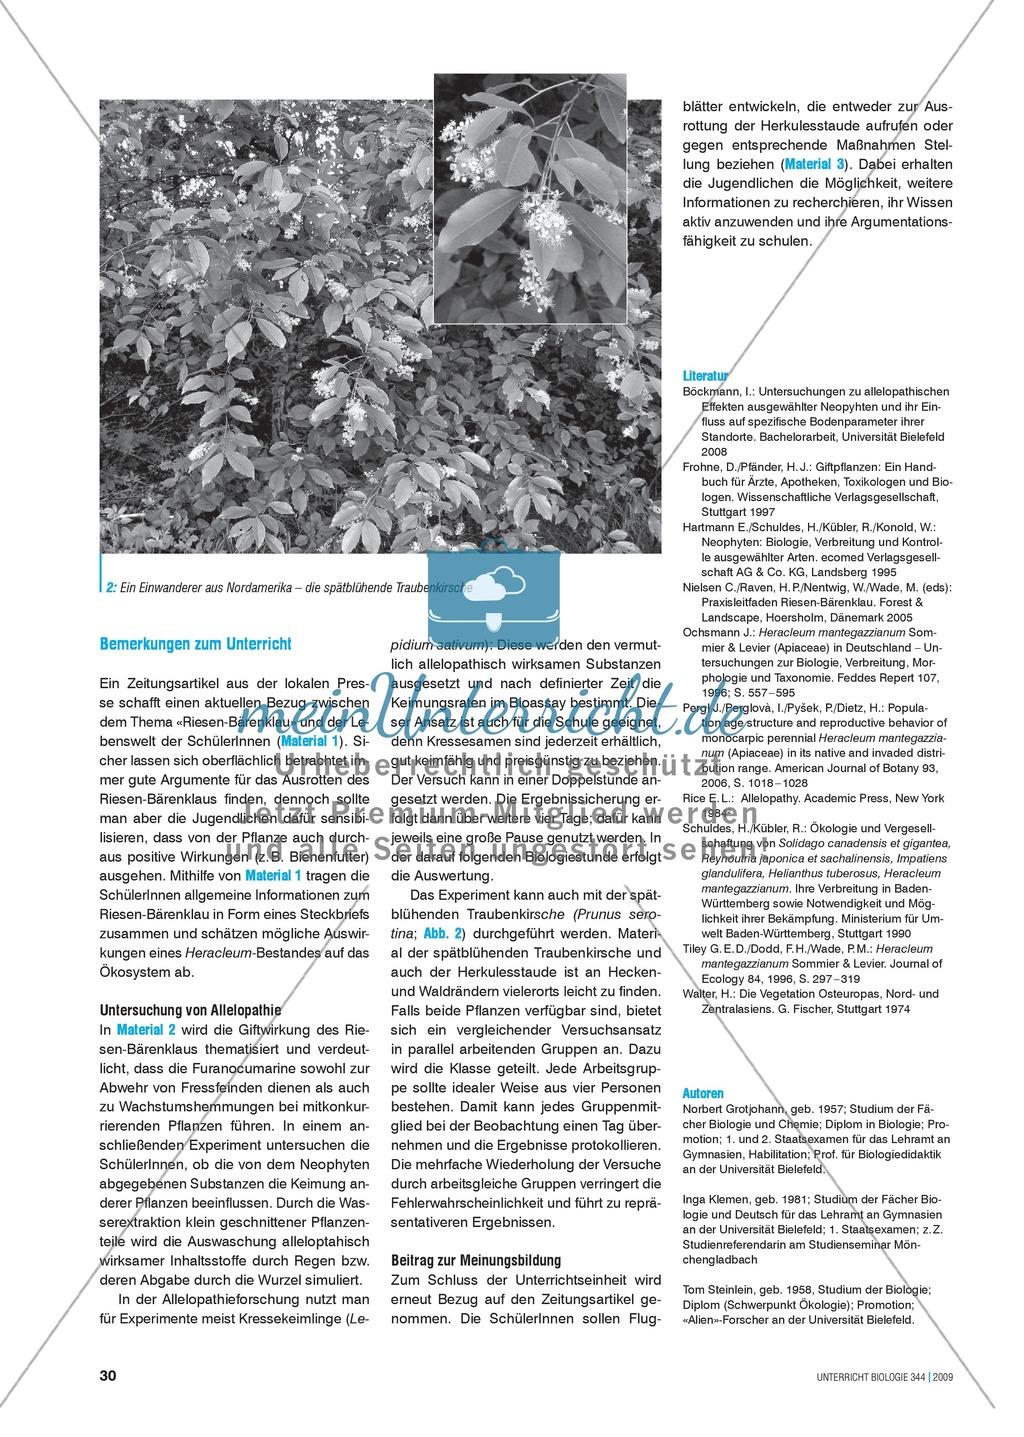 Neobiota: Die Anpassungs- und Verteidigungsmechanismen der Herkulesstaude erarbeiten und verstehen Preview 1